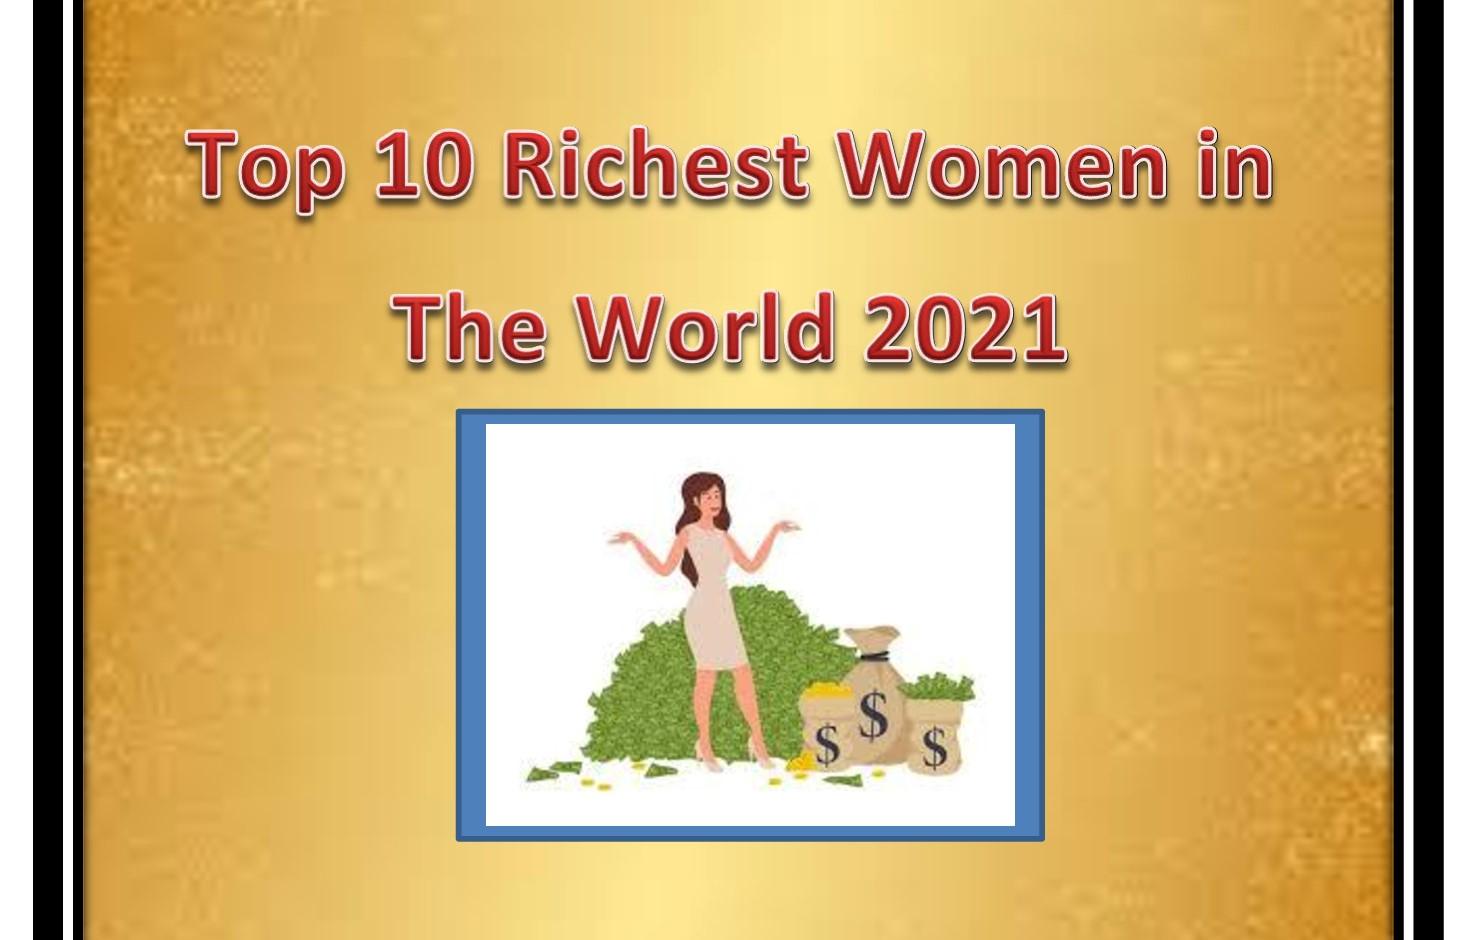 Richest Women in the World 2021